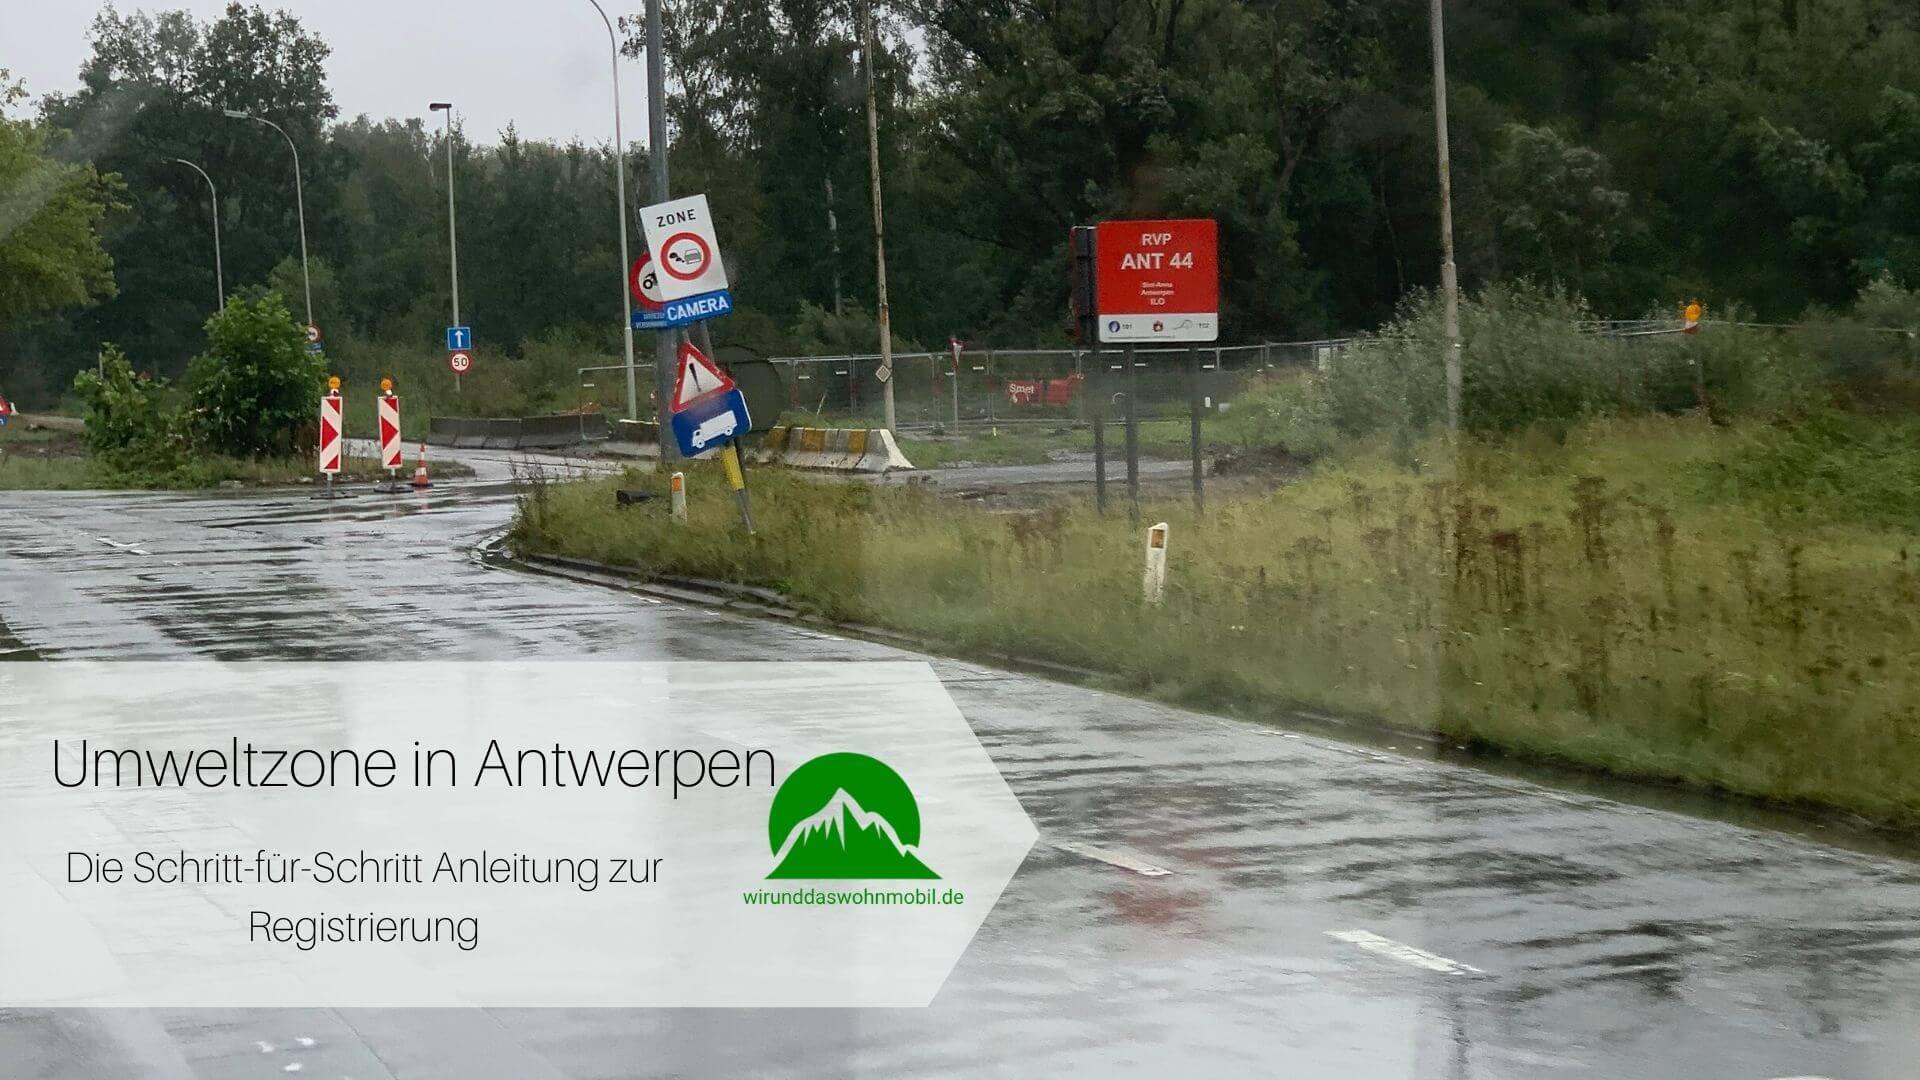 Umweltzone Antwerpen Mit dem Wohnmobil auf der Straße unterwegs